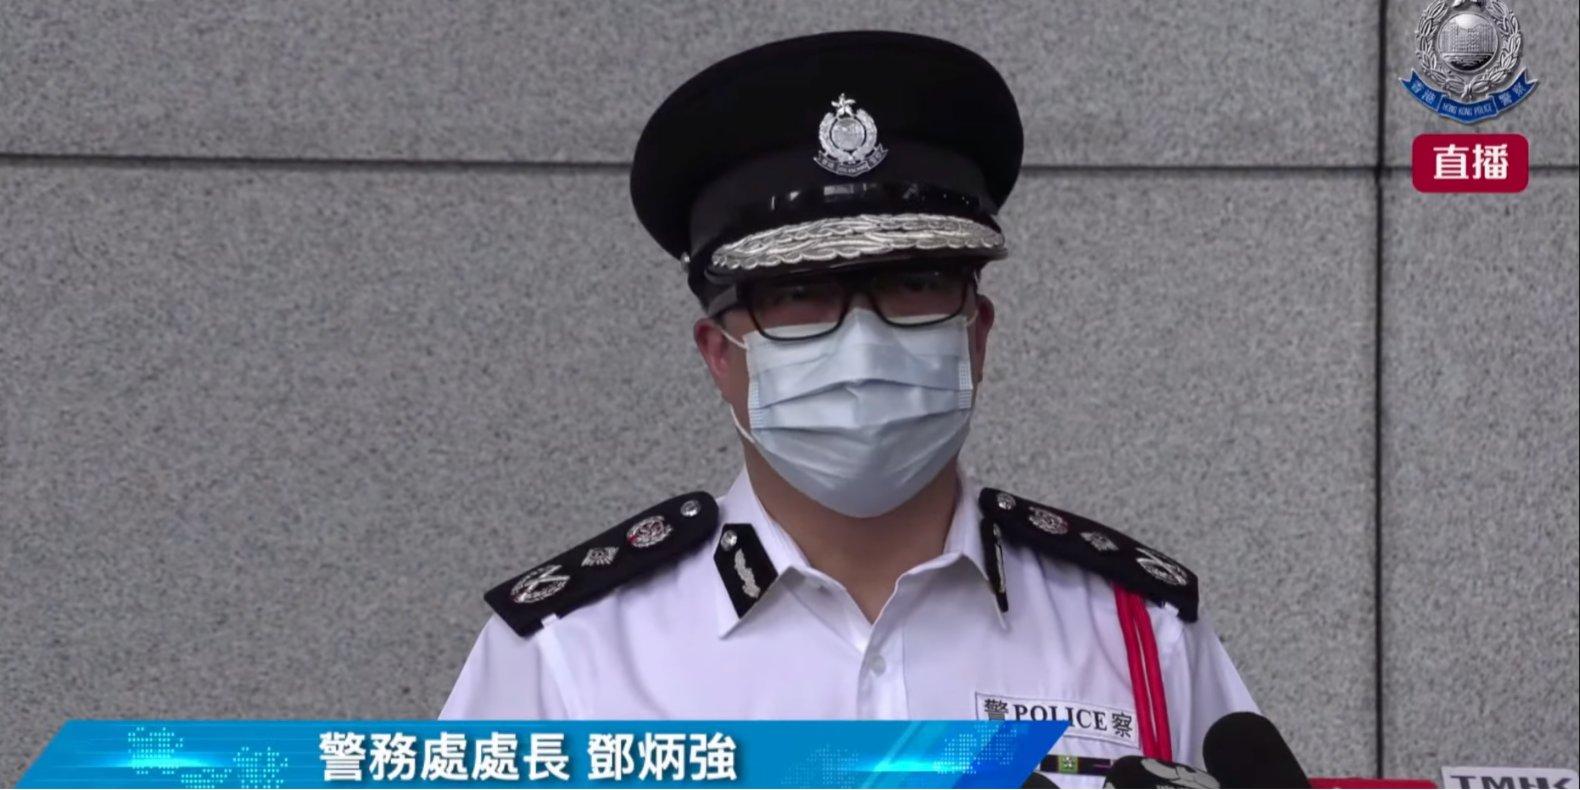 【點直播】5月12日 警務處處長鄧炳強見記者